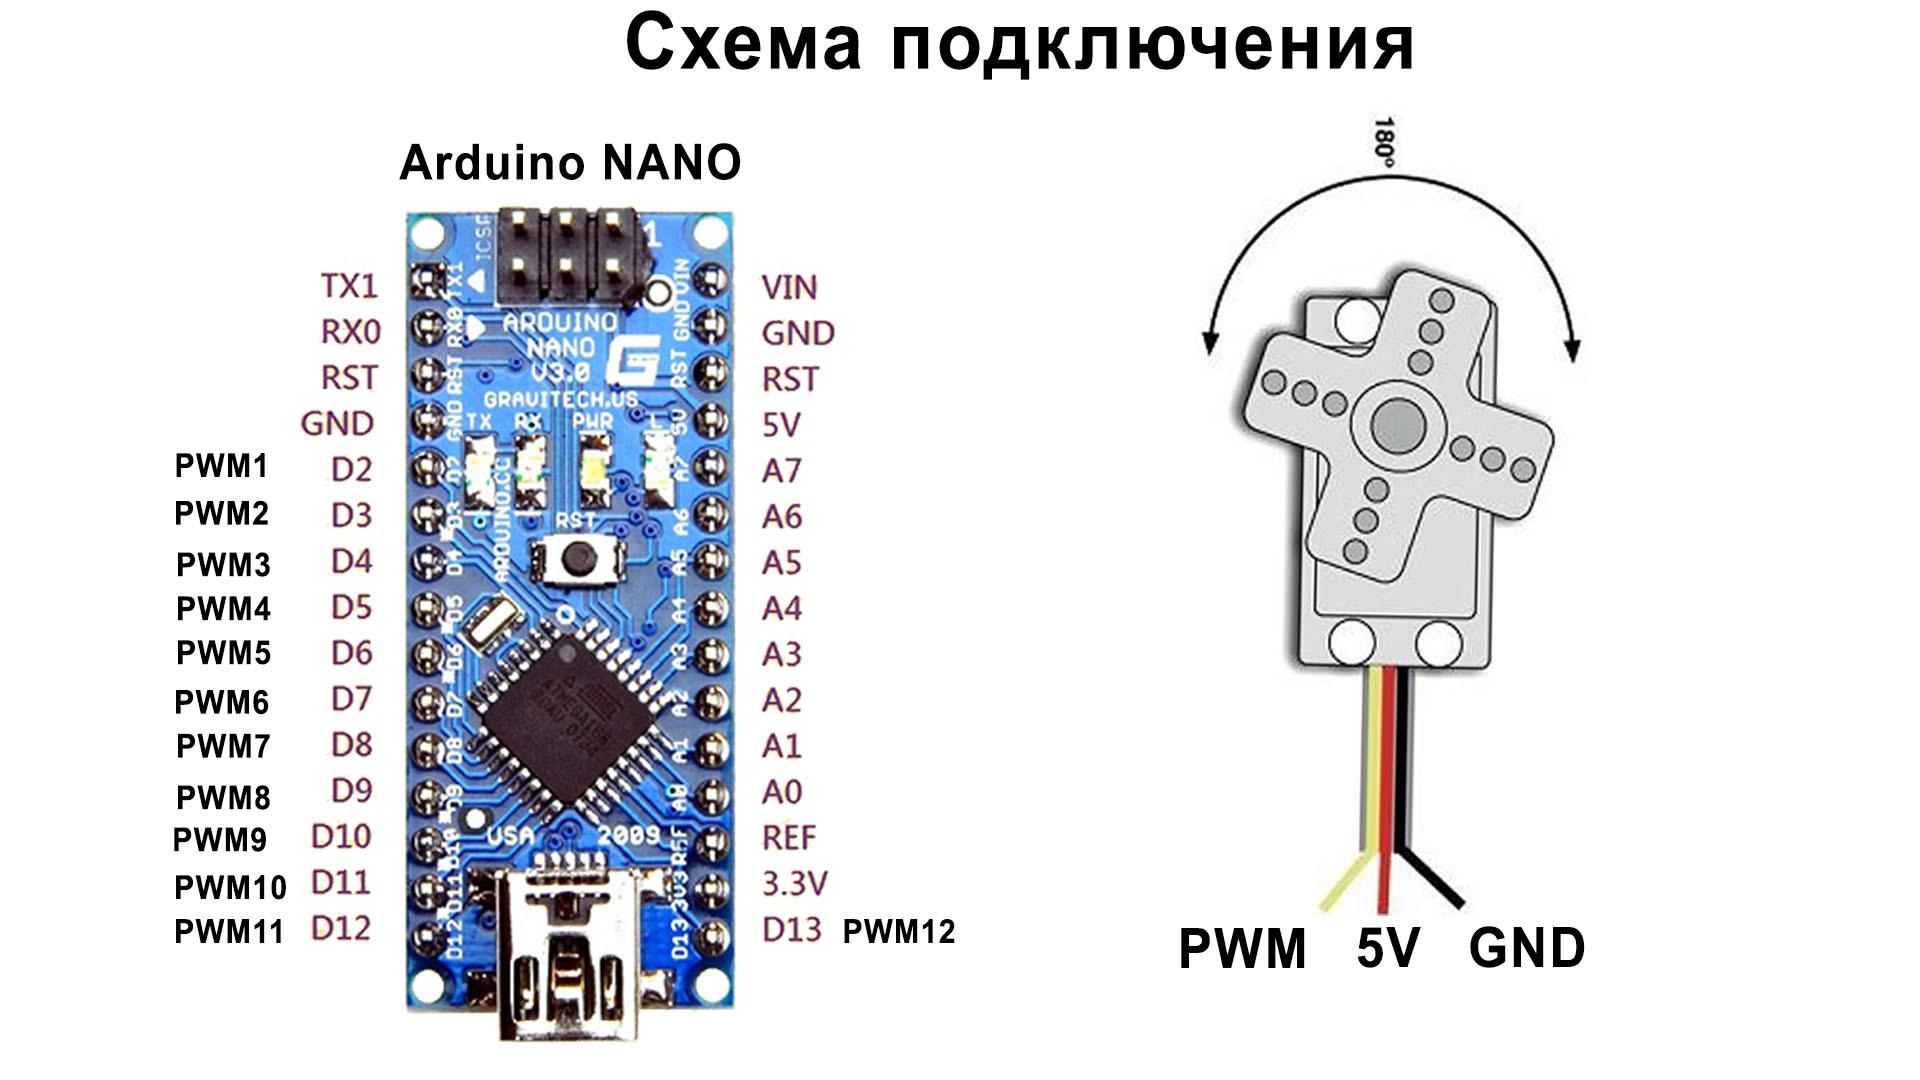 С помощью программы ServoStudio 12 и платы Arduino можно создать своего робота, не написав единой строчки кода - 3